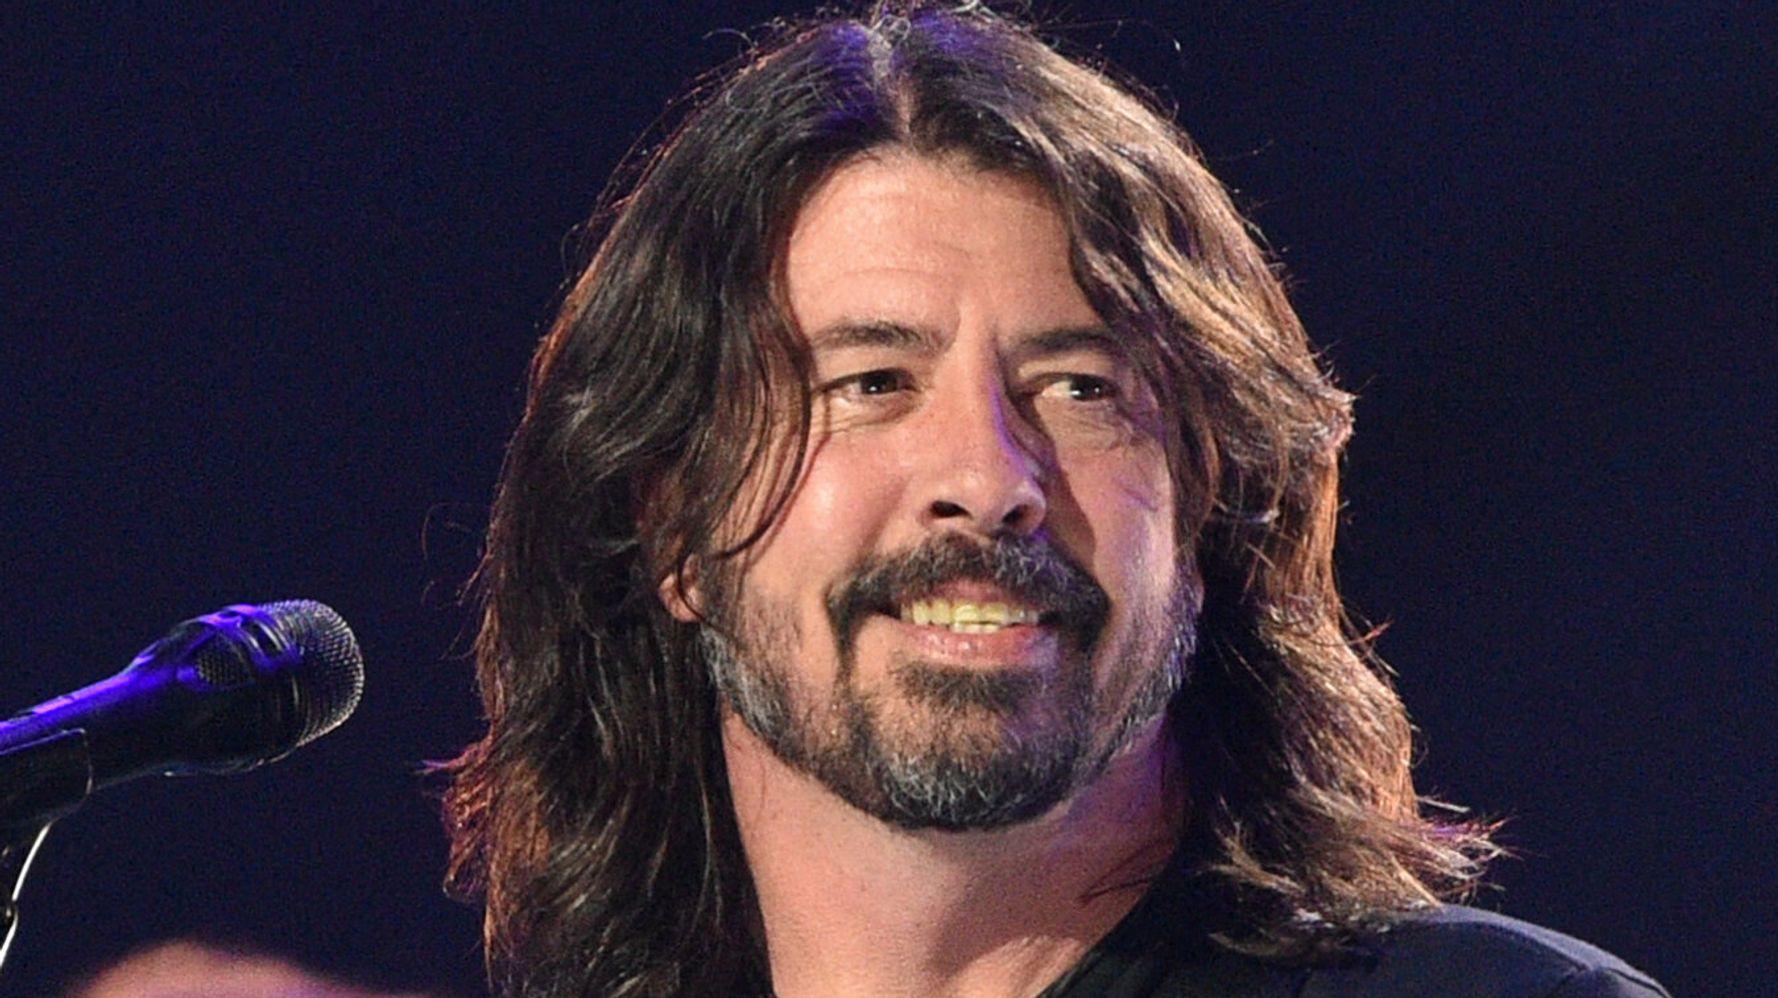 """""""Oh My God"""": Dave Grohl khám phá bất ngờ về bài hát nổi tiếng Nirvana"""